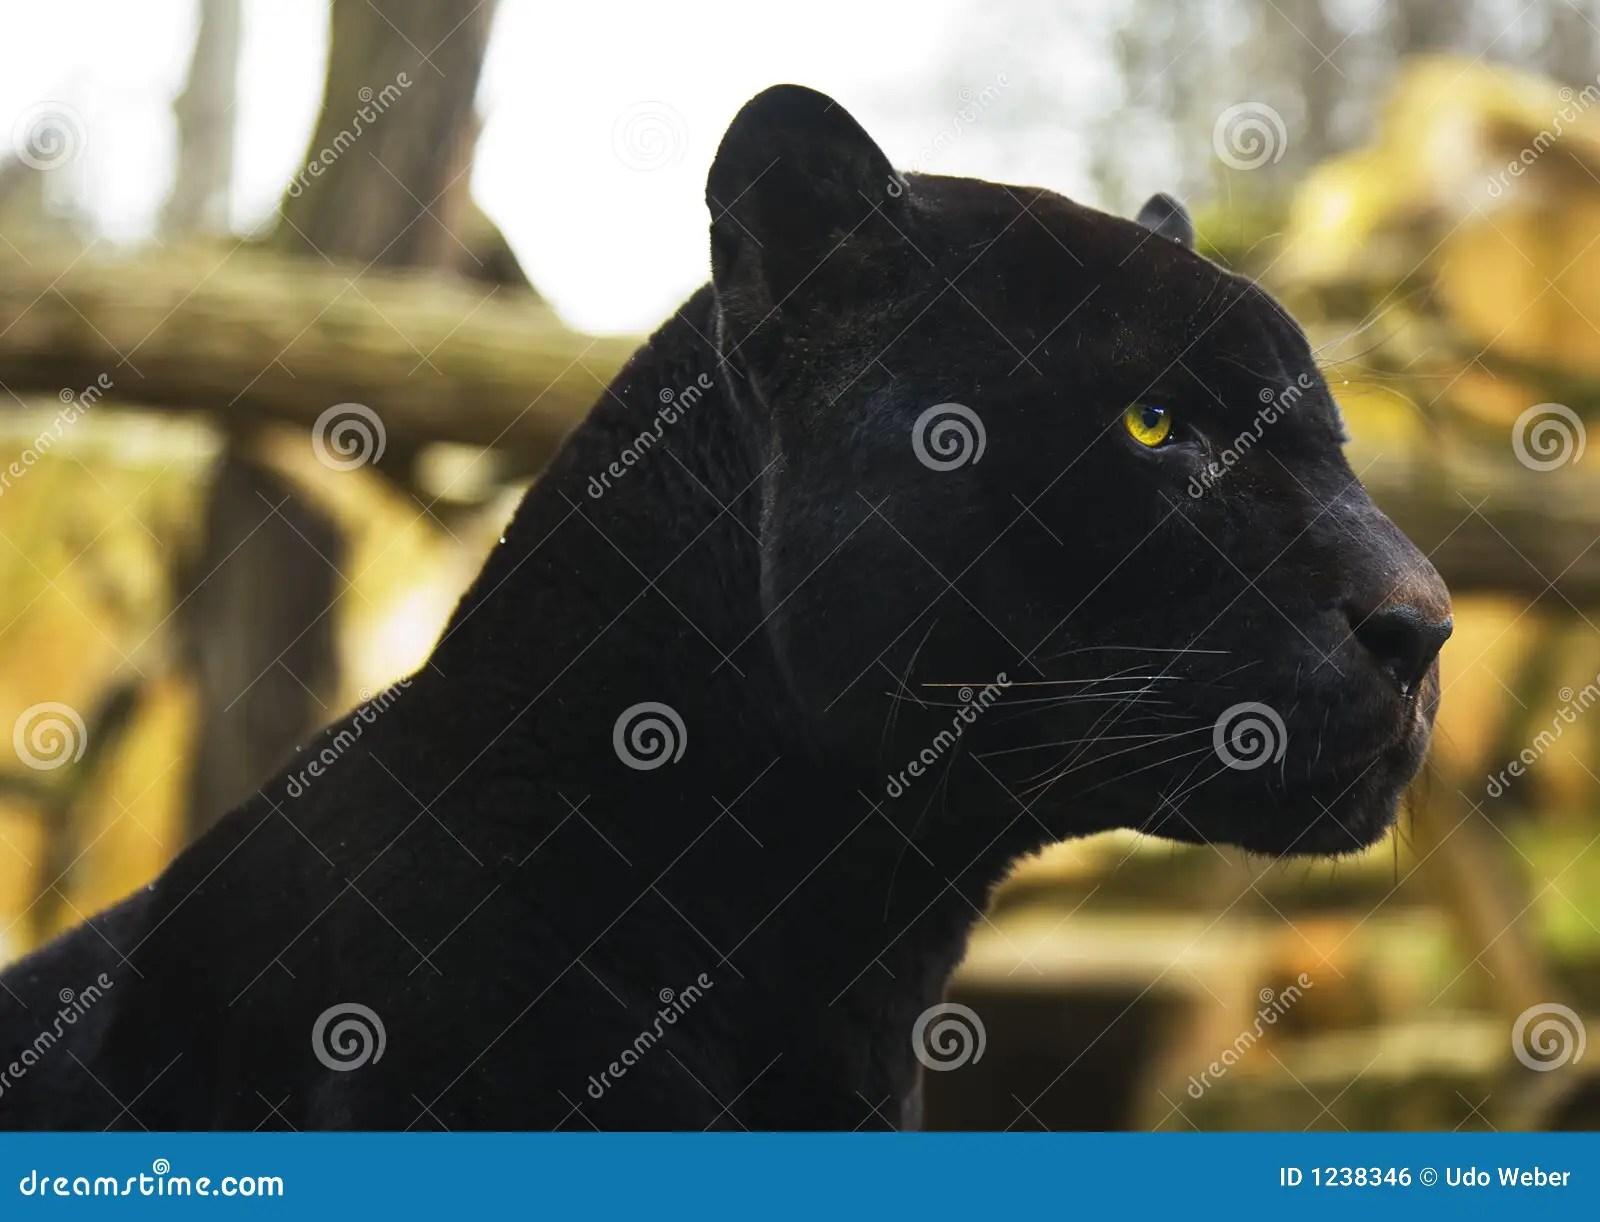 Safari Animal Wallpaper Black Panther Stock Photo Image Of Powerful Yellow